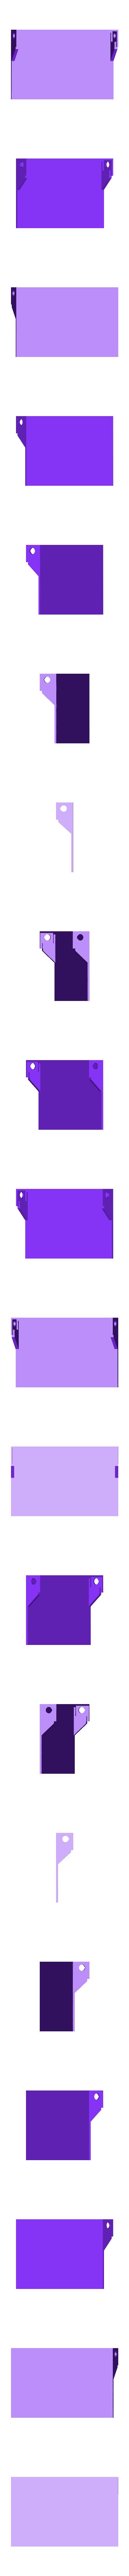 Cassette1.stl Download free STL file Cassette Tape Case / Holder • 3D printable model, tonyyoungblood